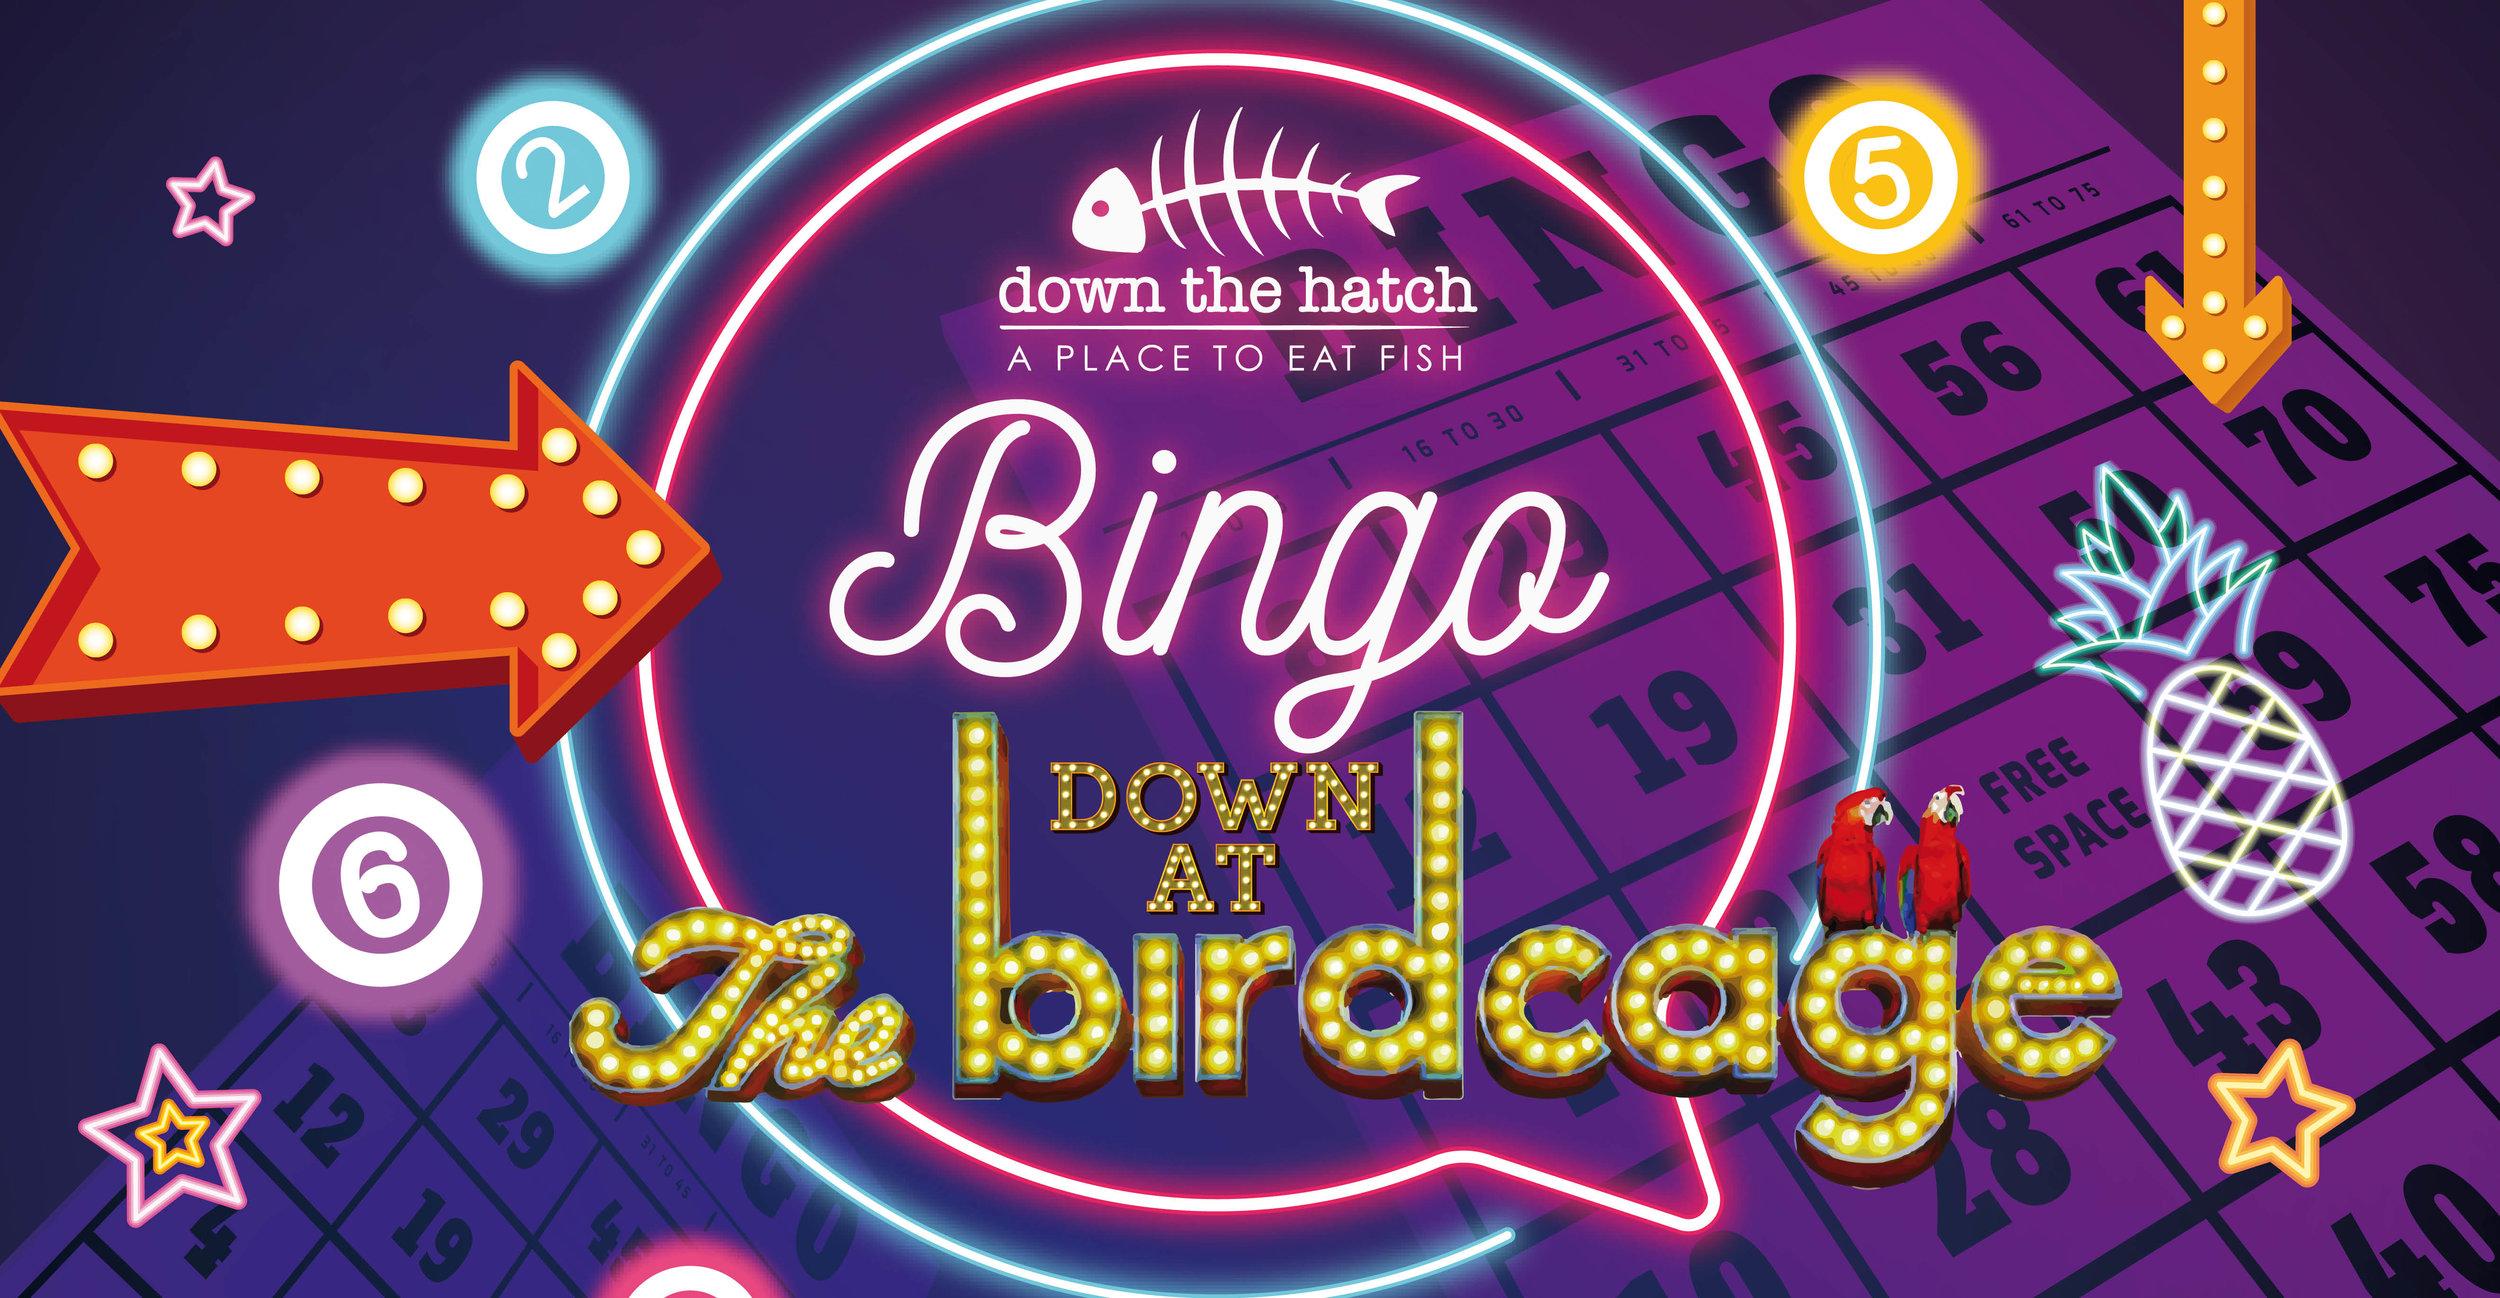 04-22 DRAG BINGO FACEBOOK.jpg